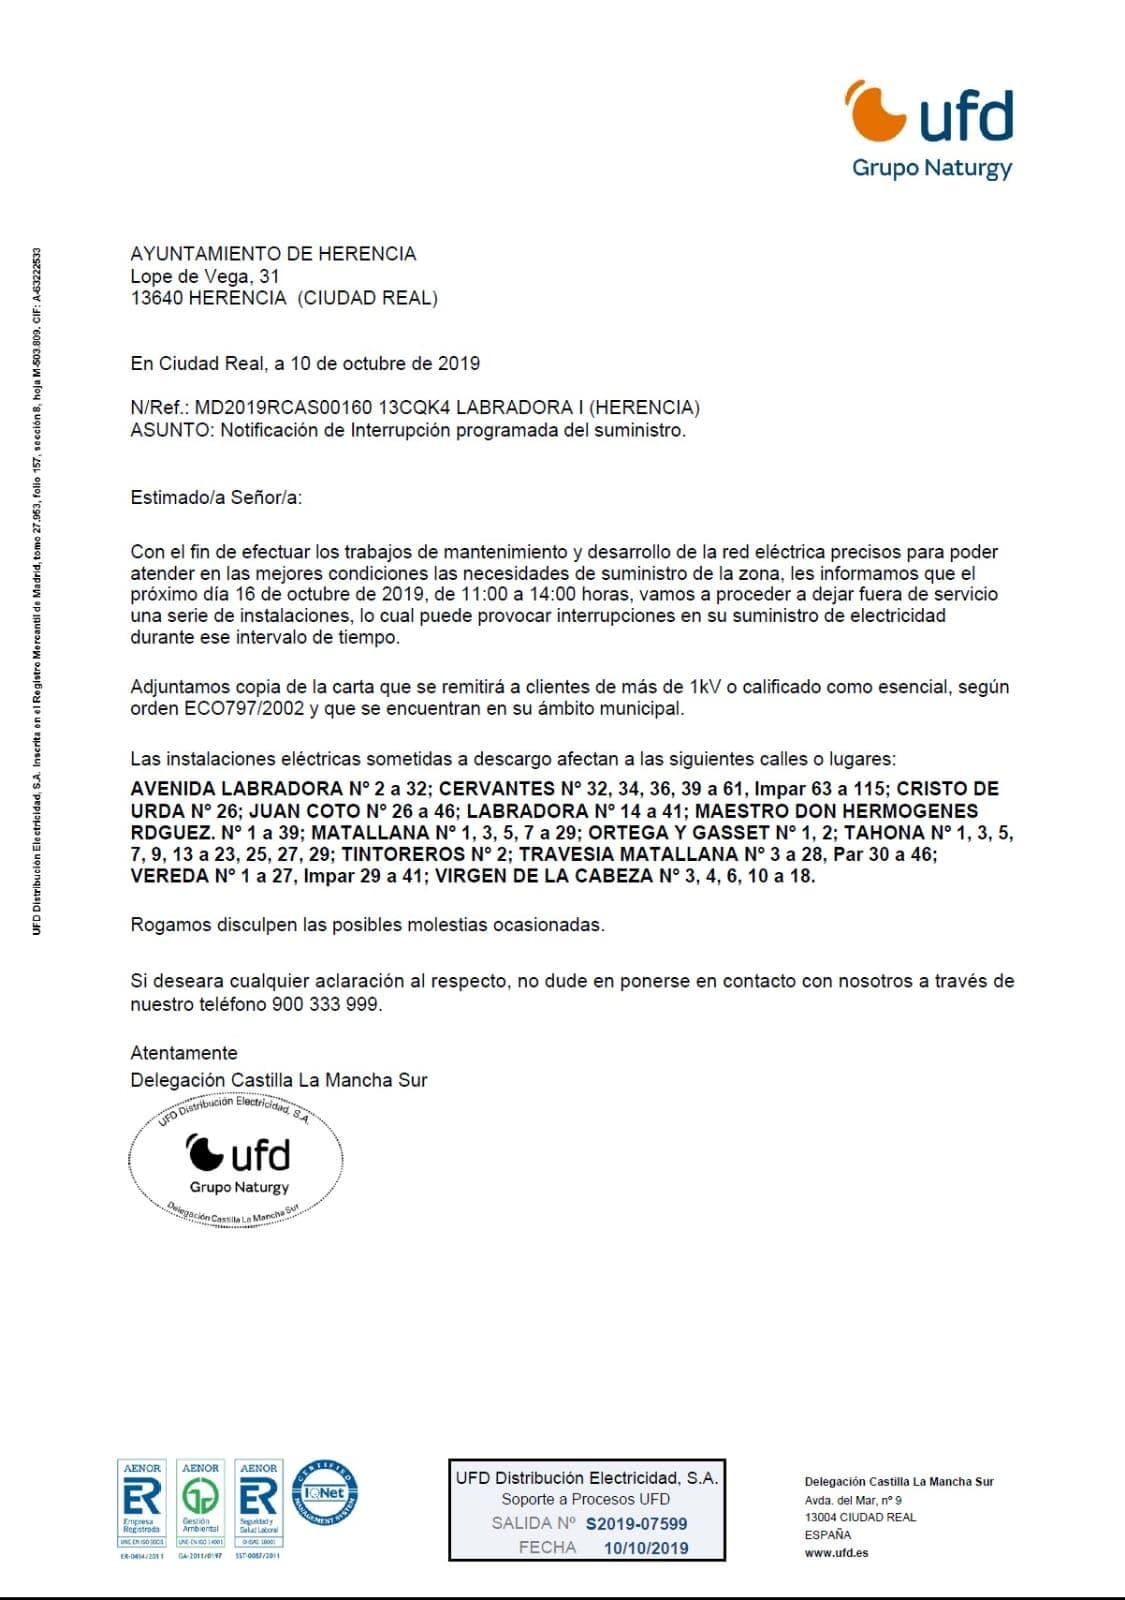 Cortes de suministro eléctrico para el próximo 16 de octubre 6